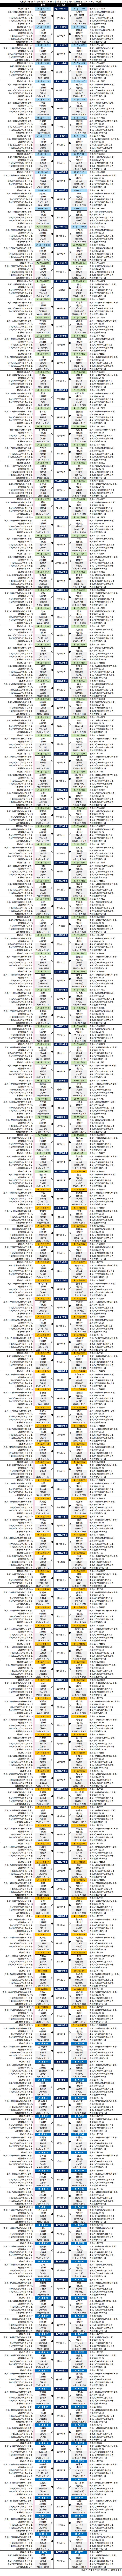 大相撲・2019年11月場所6日目・幕下以下の取組結果